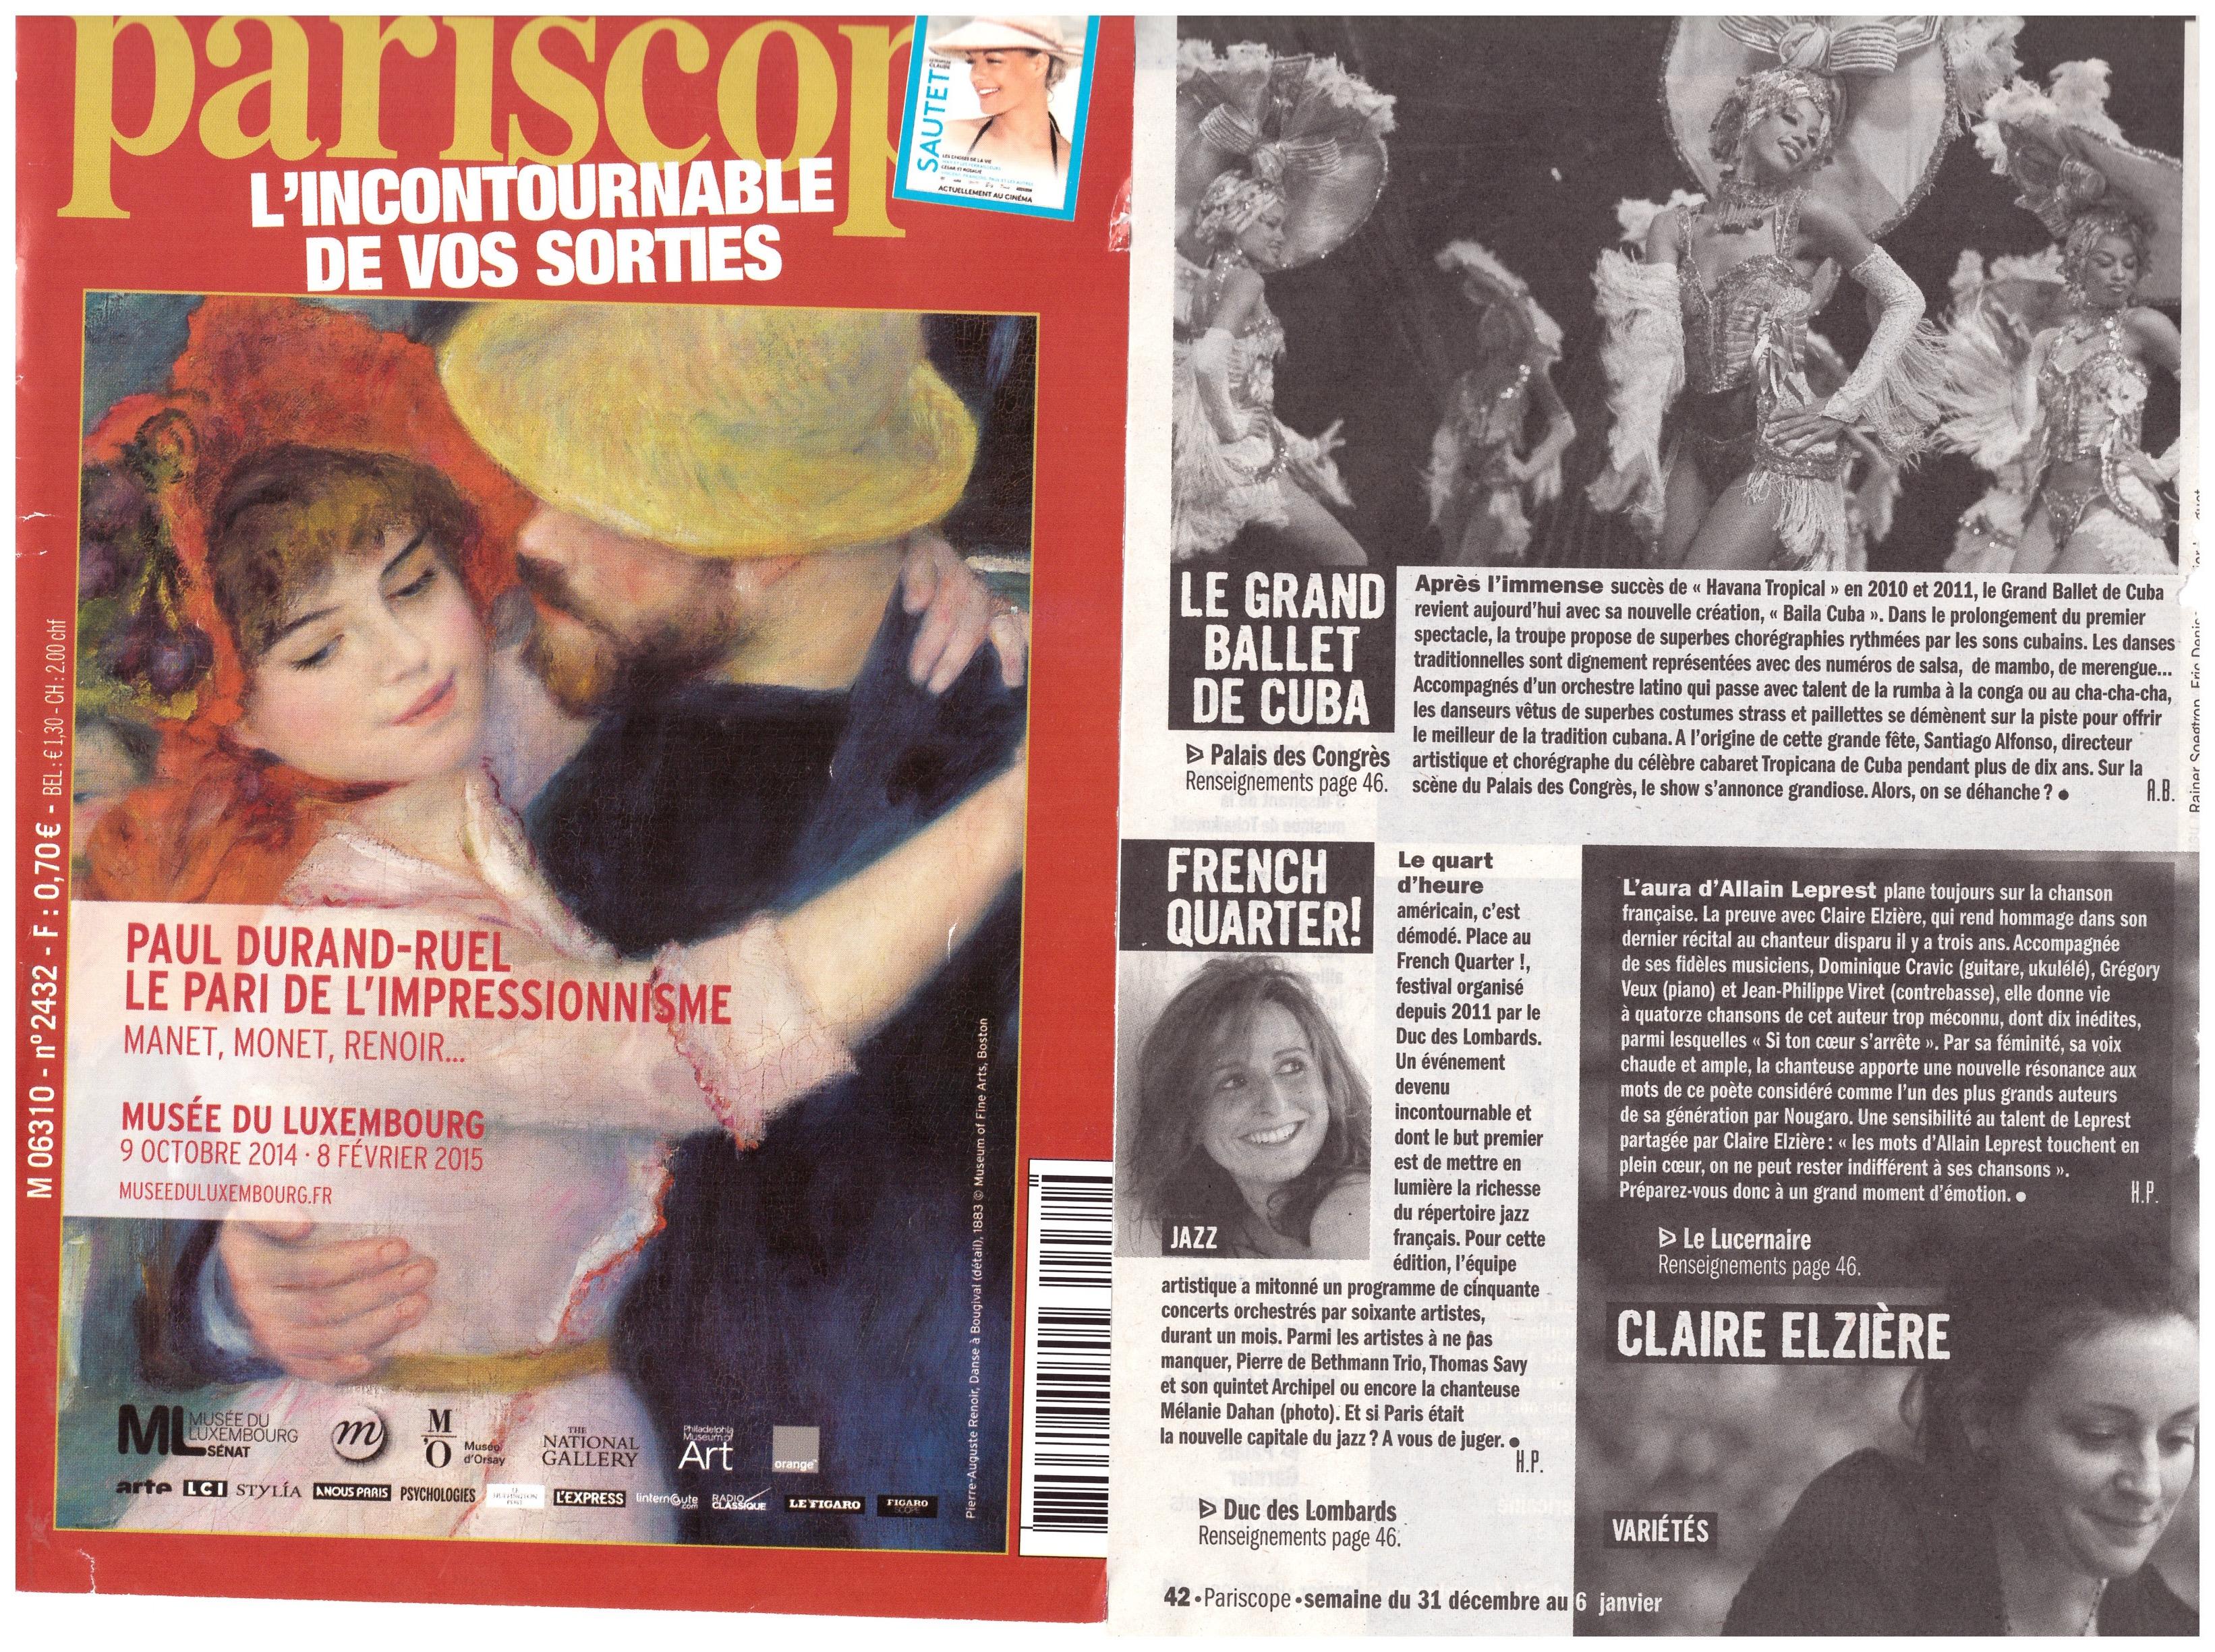 Pariscope Festival French Quarter